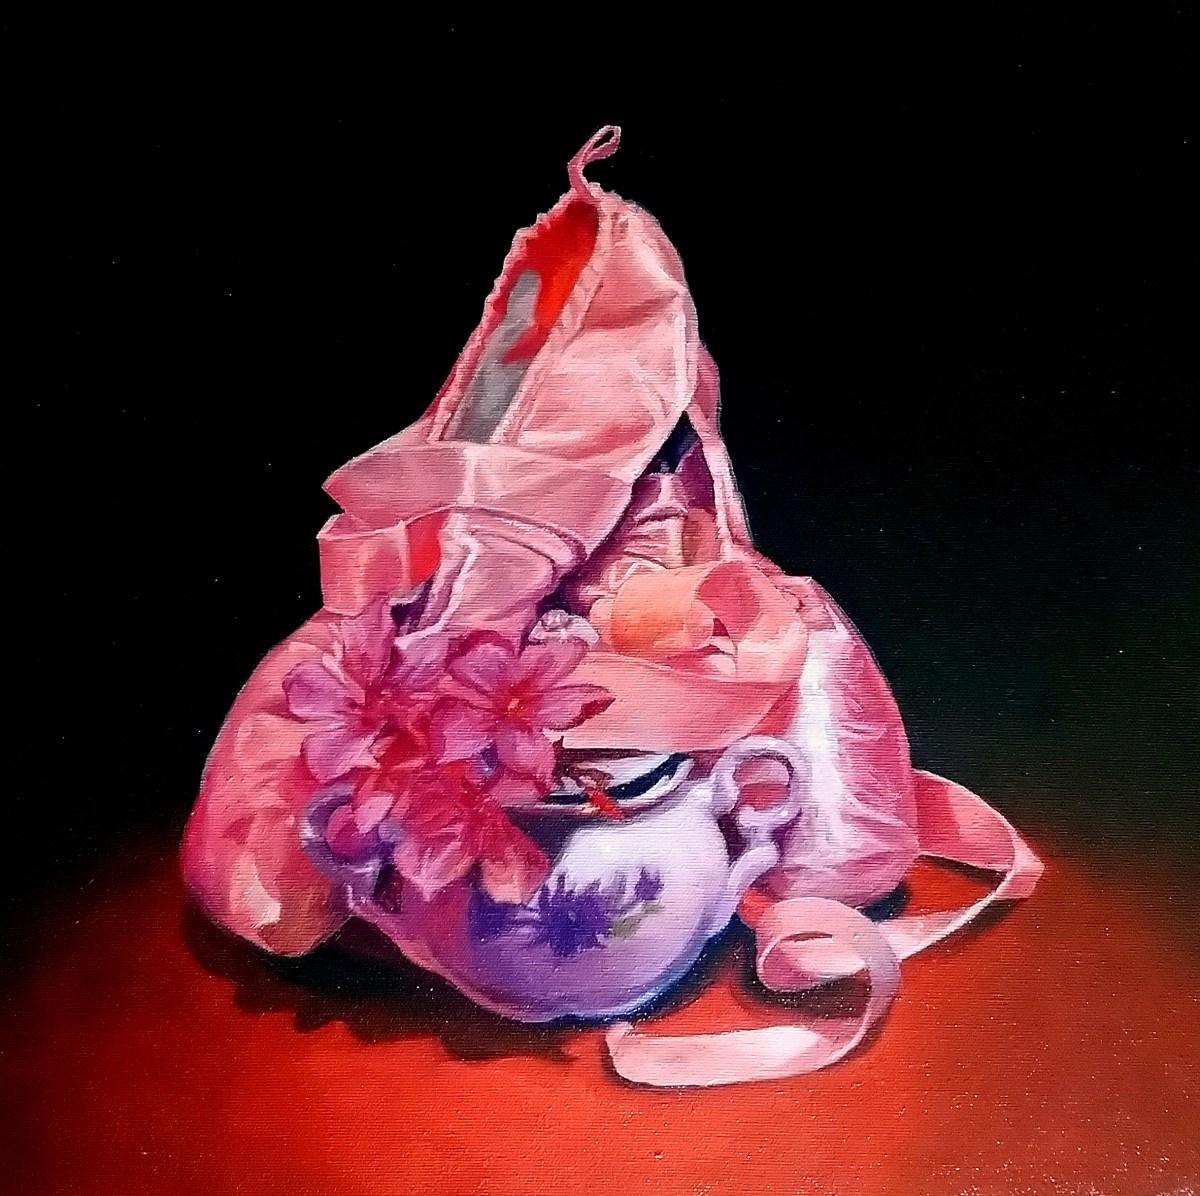 Naturaleza muerta de Oleo sobre tela del artista Manuel Mathar